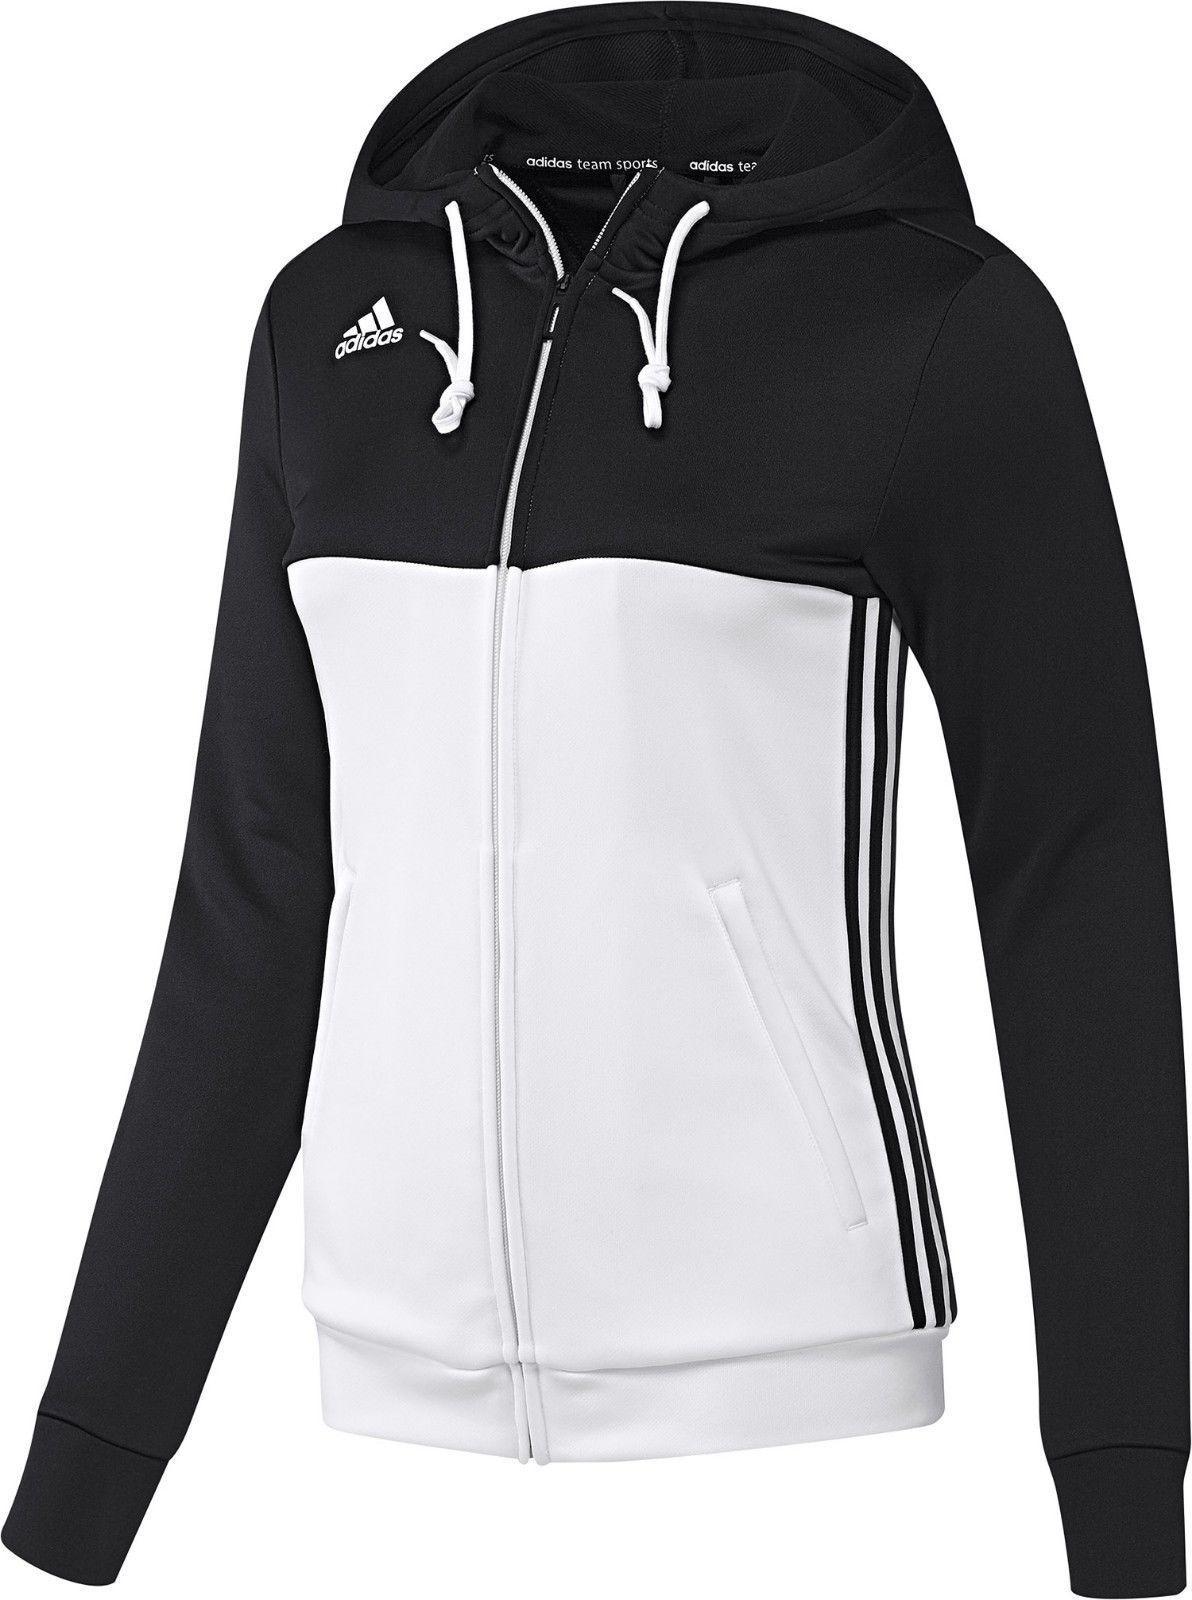 adidas vest dames zwart wit